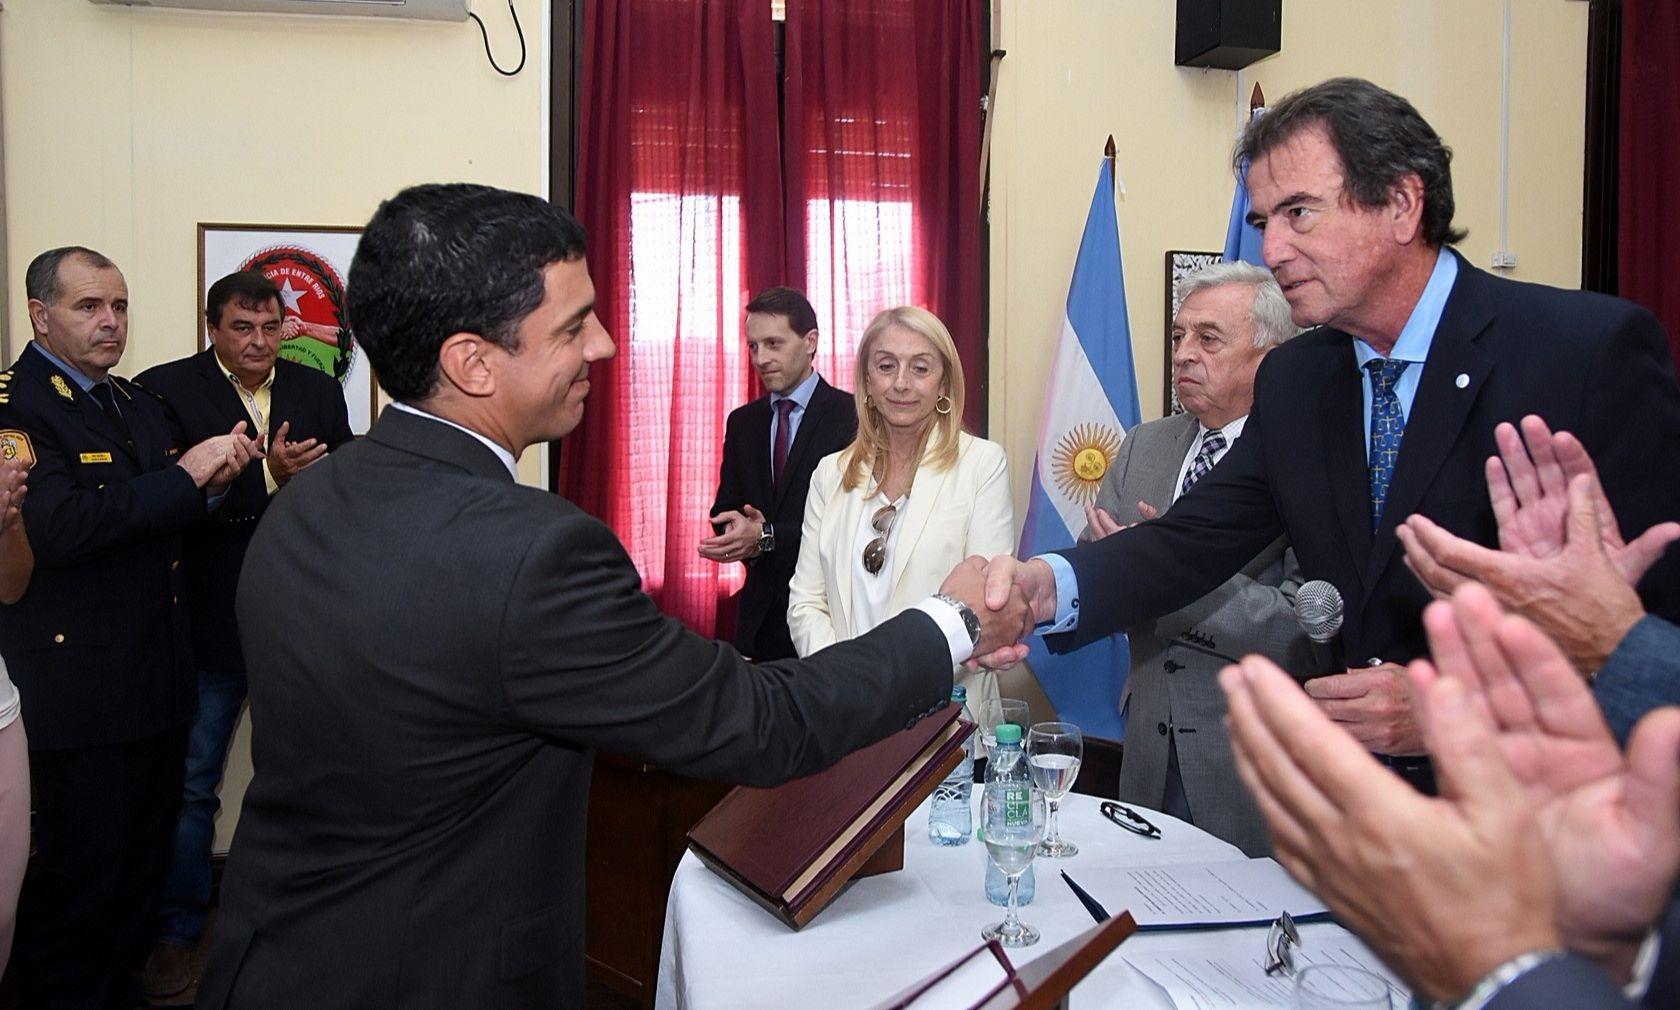 Juró el Dr. Sebastián Manuel Gianello como juez a cargo del nuevo Juzgado del Trabajo de Colón